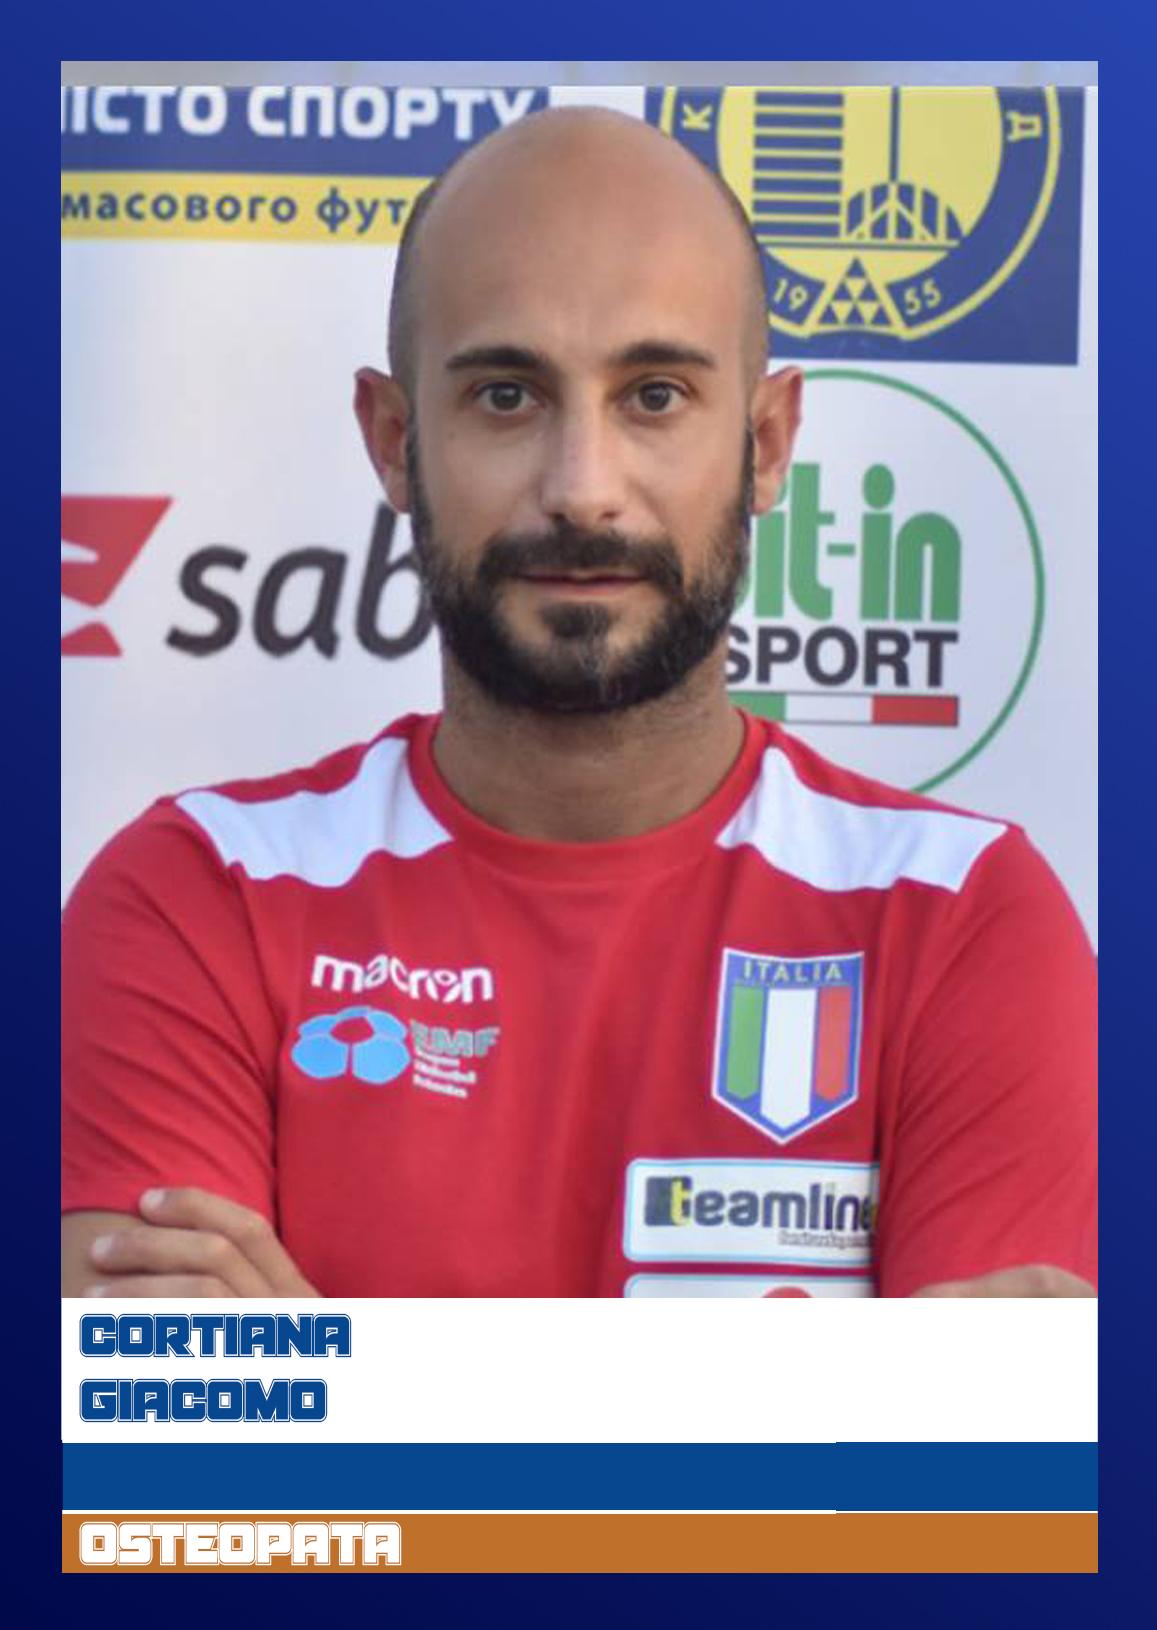 Giacomo Cortiana